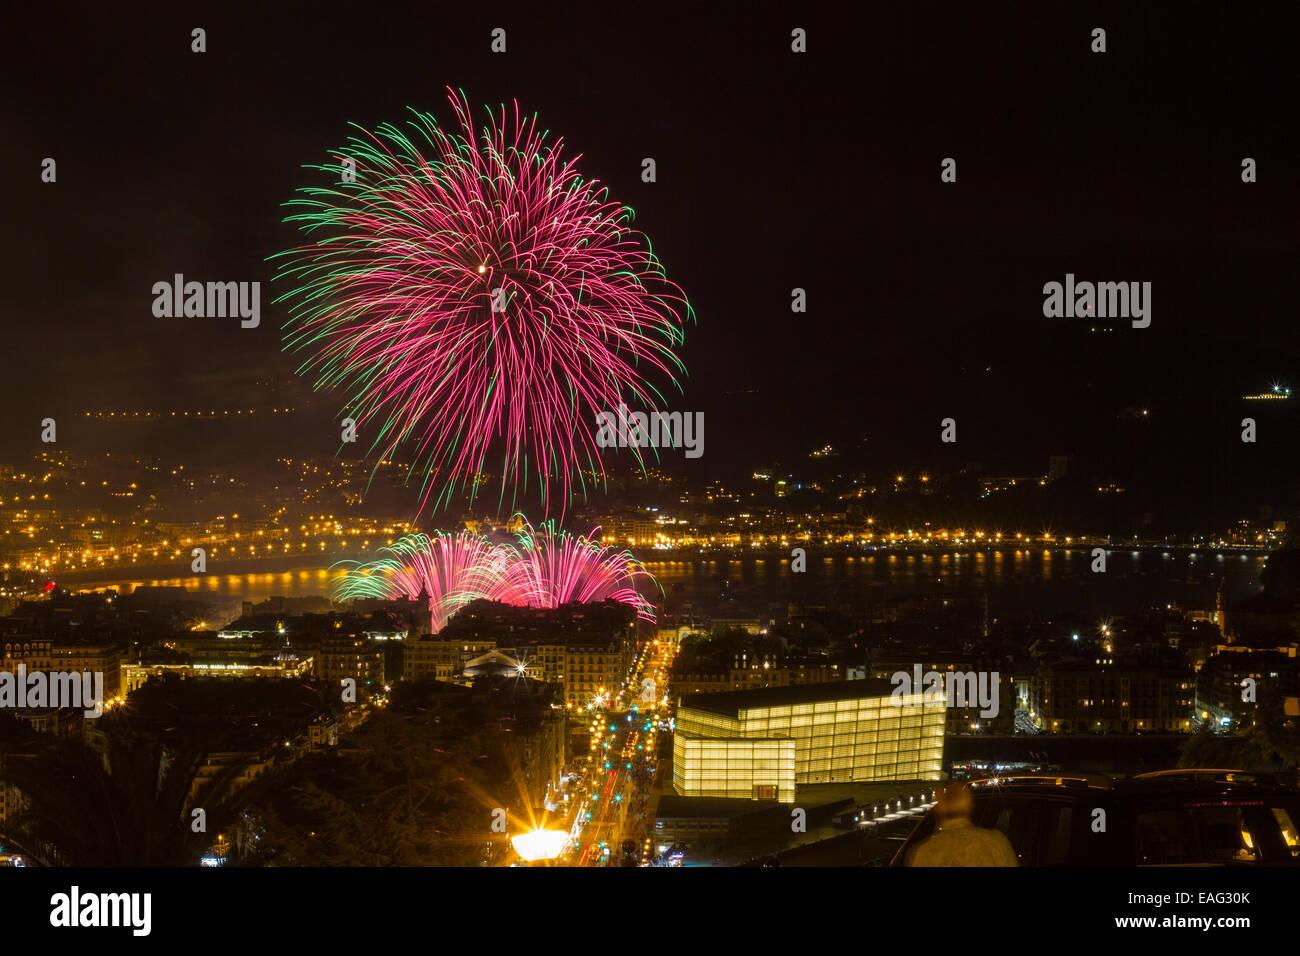 Fireworks in Donostia - San Sebastian. - Stock Image